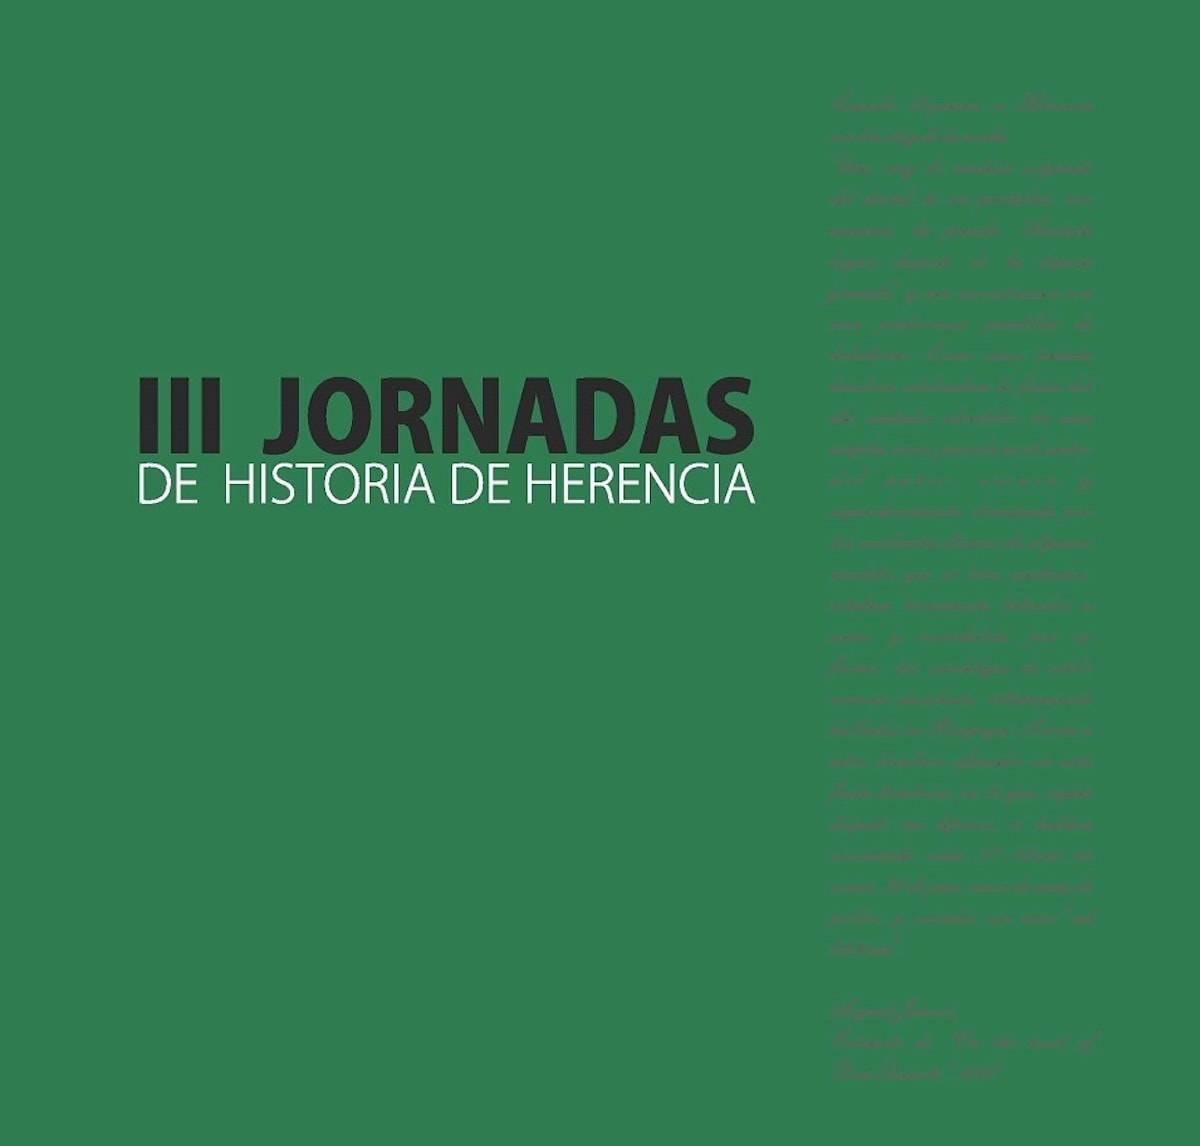 III jornadas de Historia de Herencia - III Jornadas de Historia de Herencia divulgarán los estudios realizados en una publicación